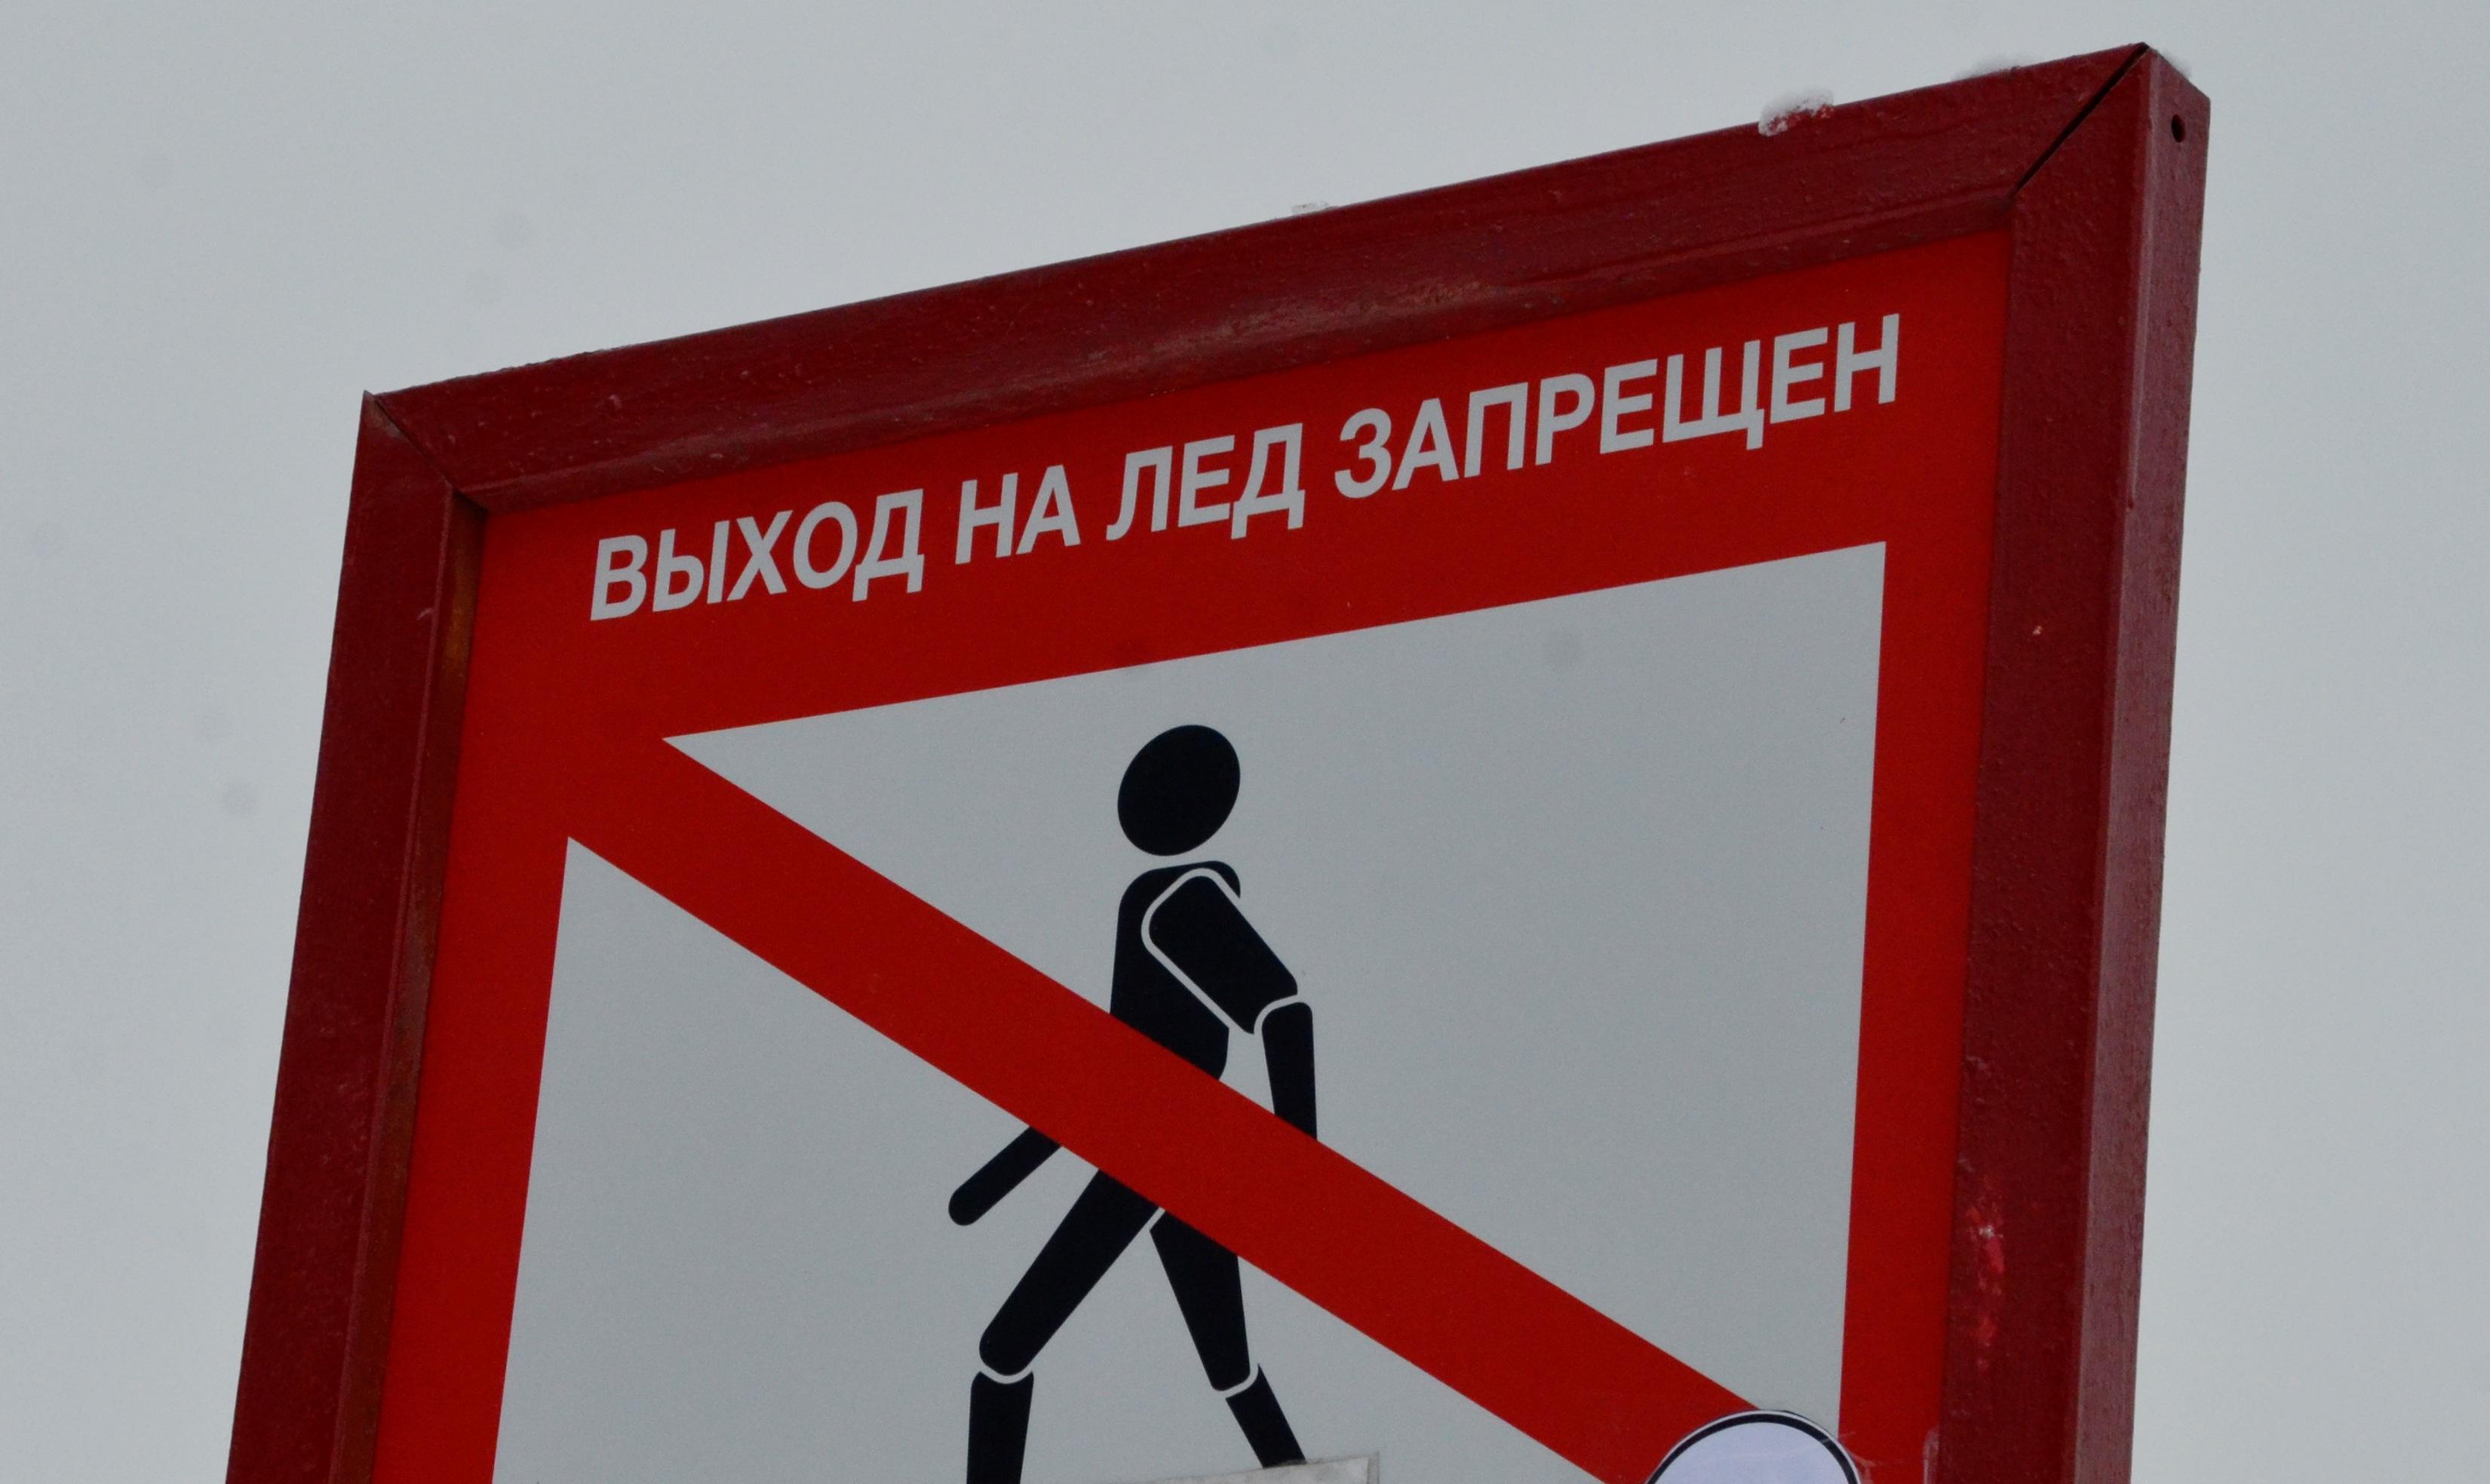 Запрещающие знаки проверили вблизи водоема в Щербинке